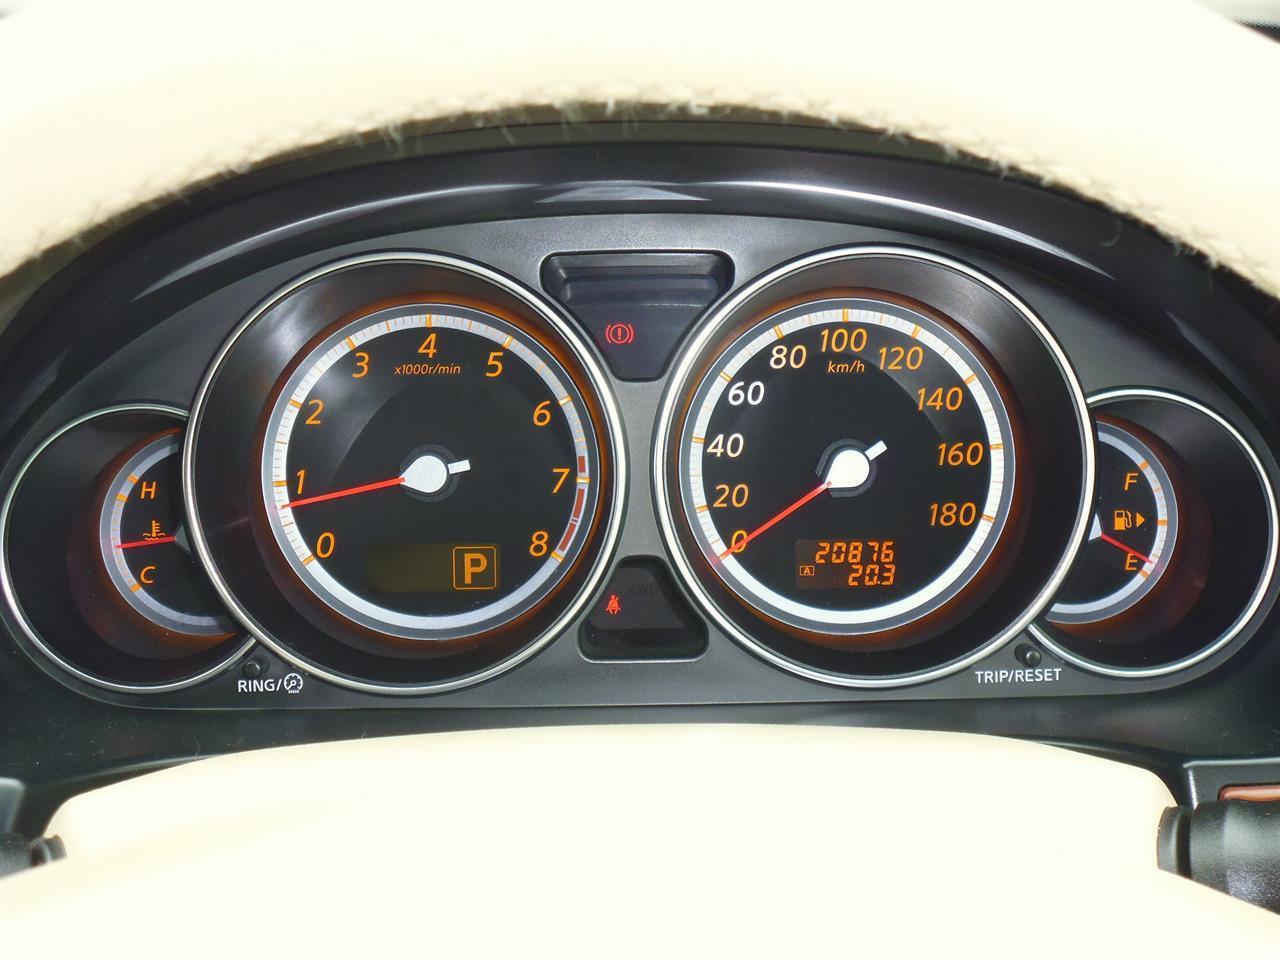 image-9, 2006 Nissan Fuga 350GT at Christchurch